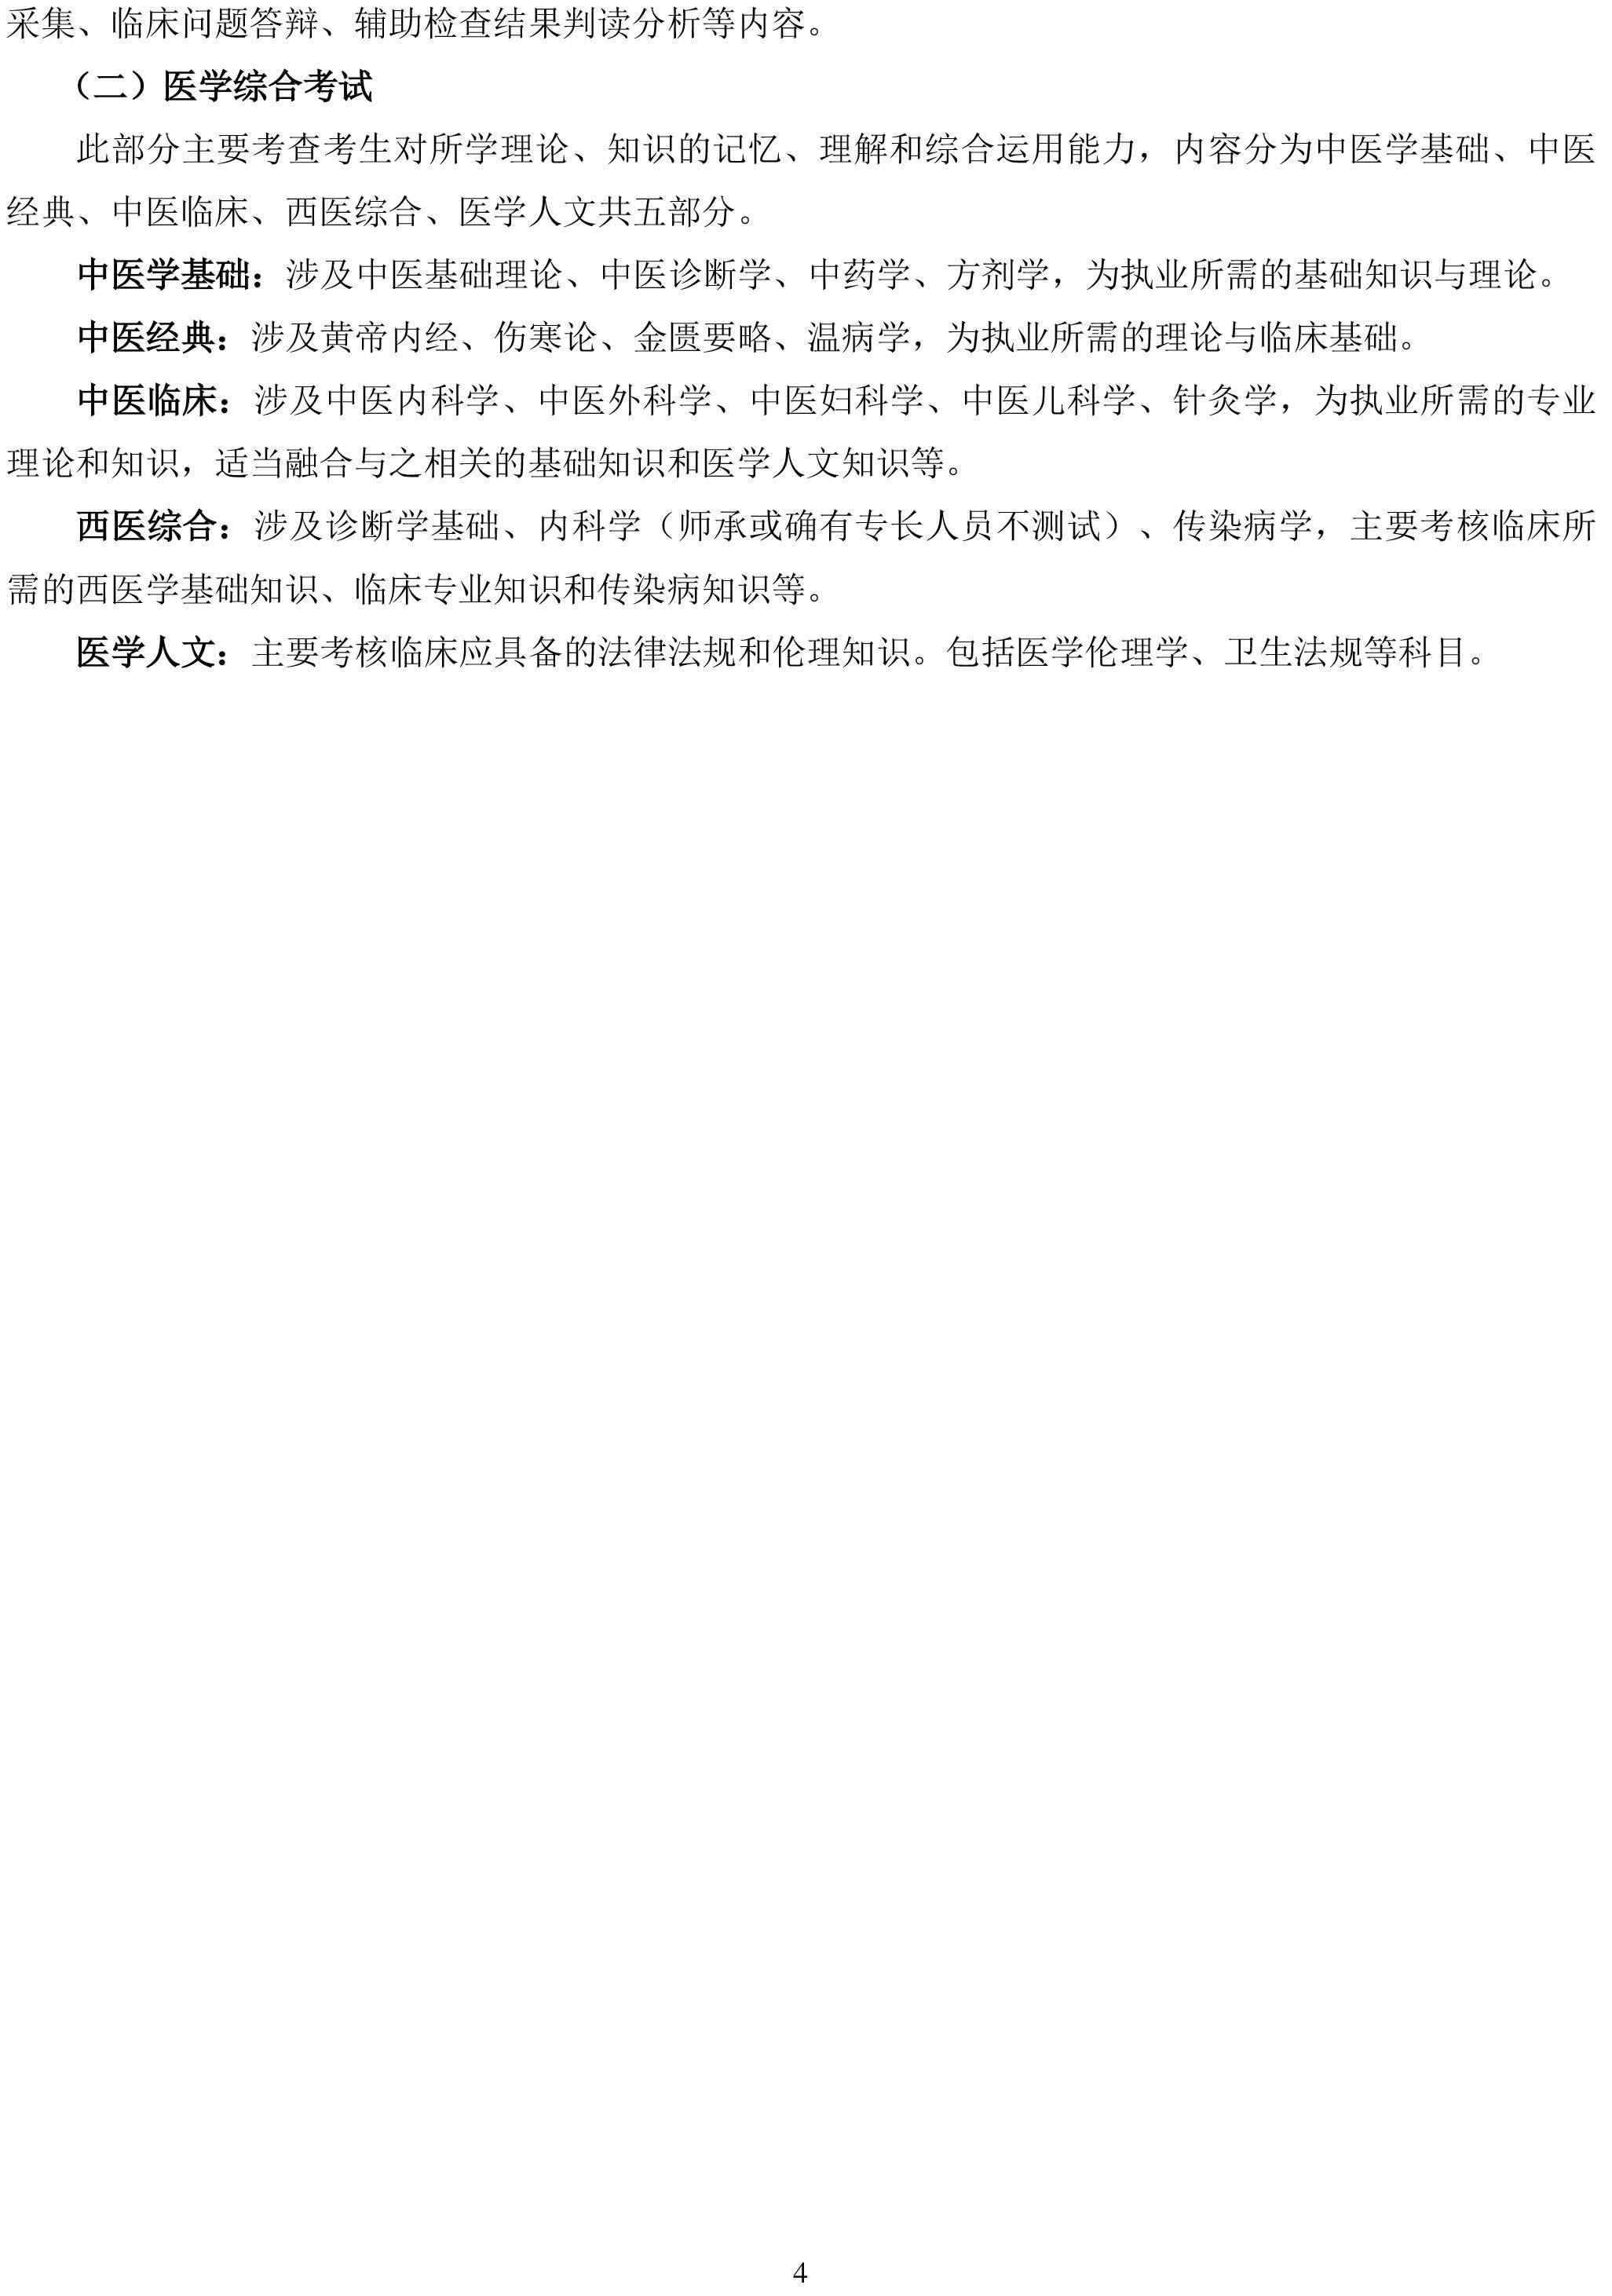 中医执业医师资格考试大纲(2020年版).